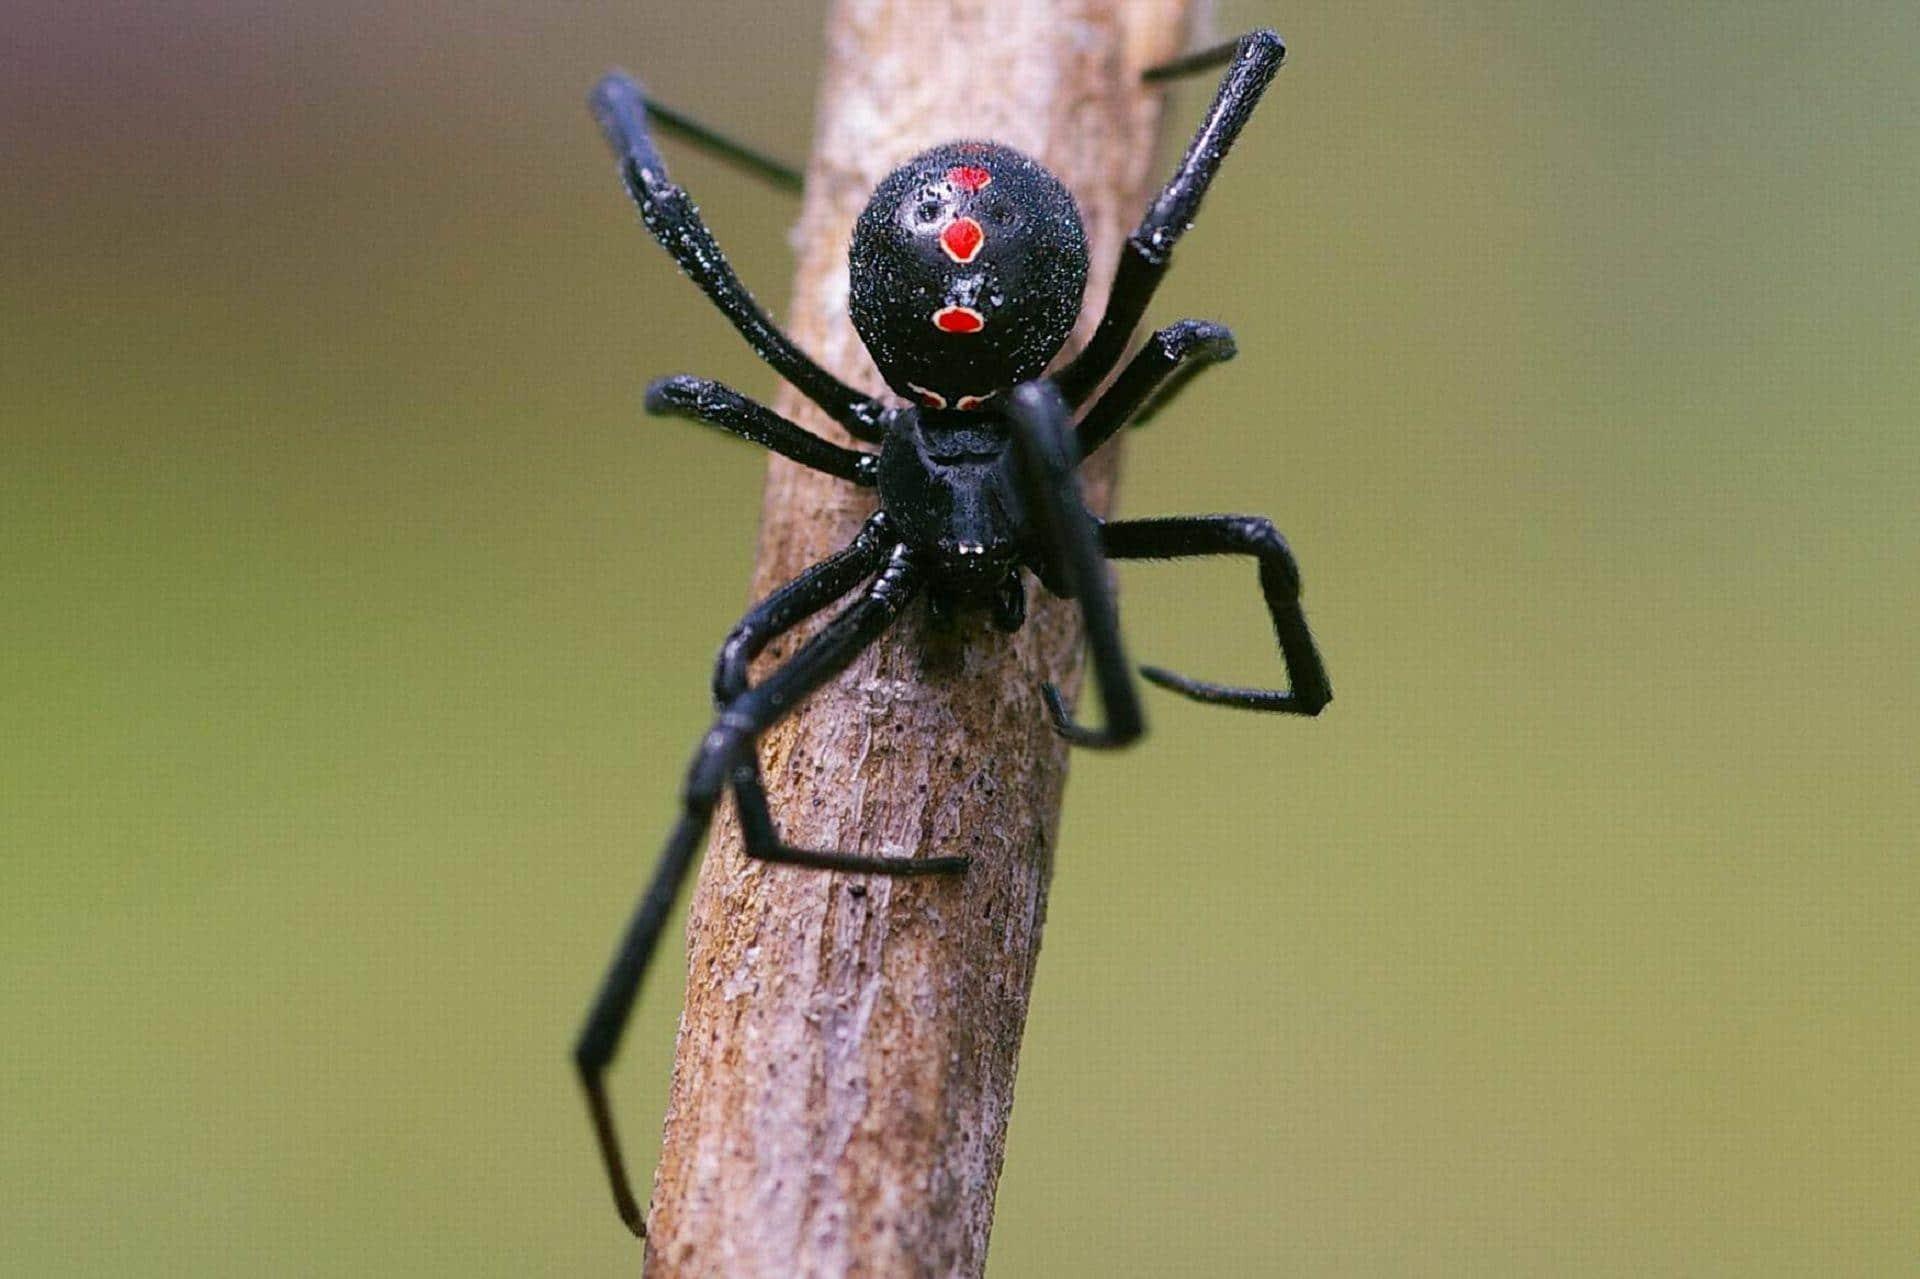 Arañas-venenosas7